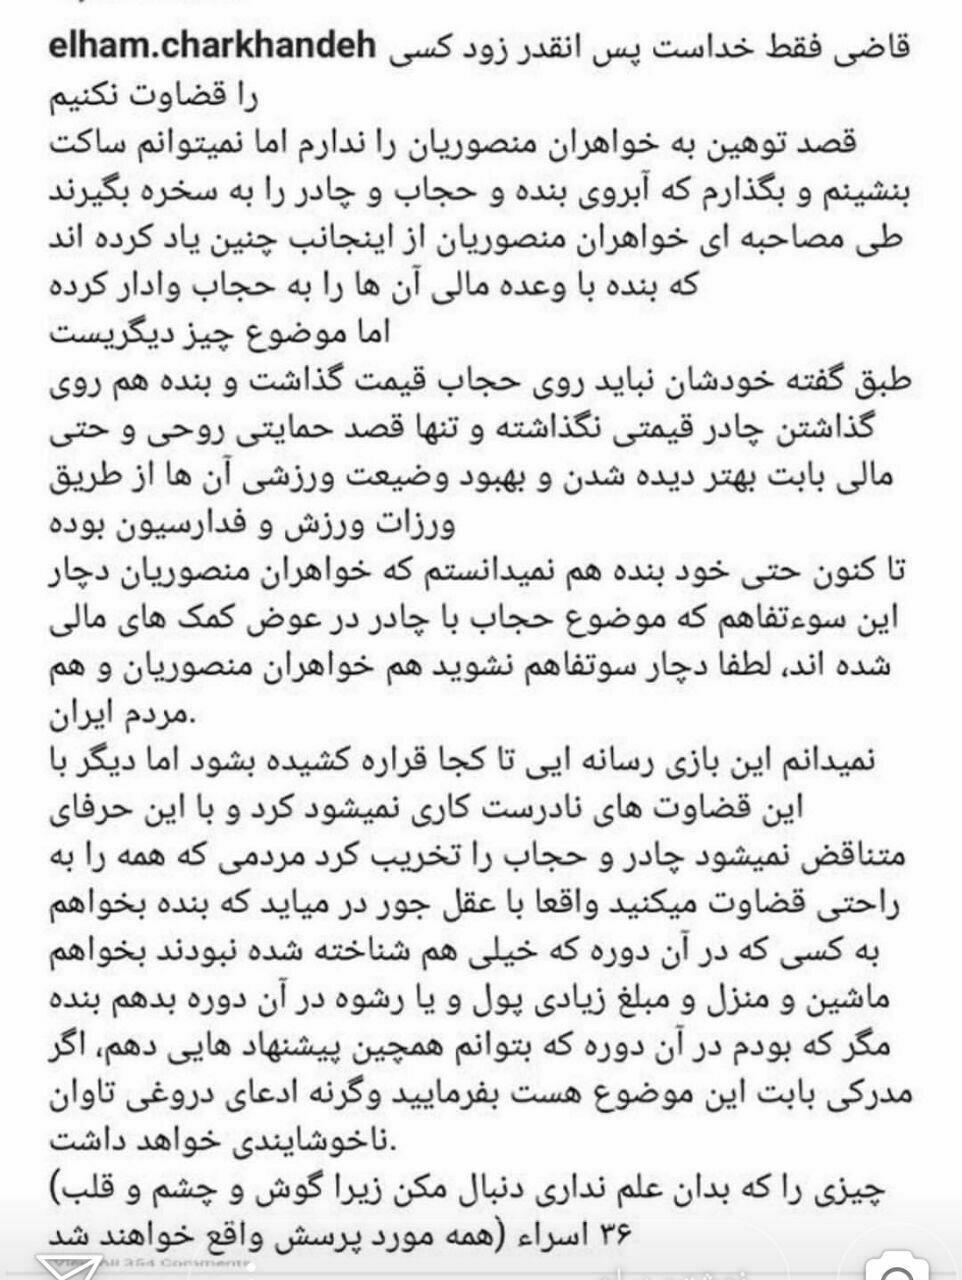 واکنش چرخنده به ادعای خواهران منصوریان